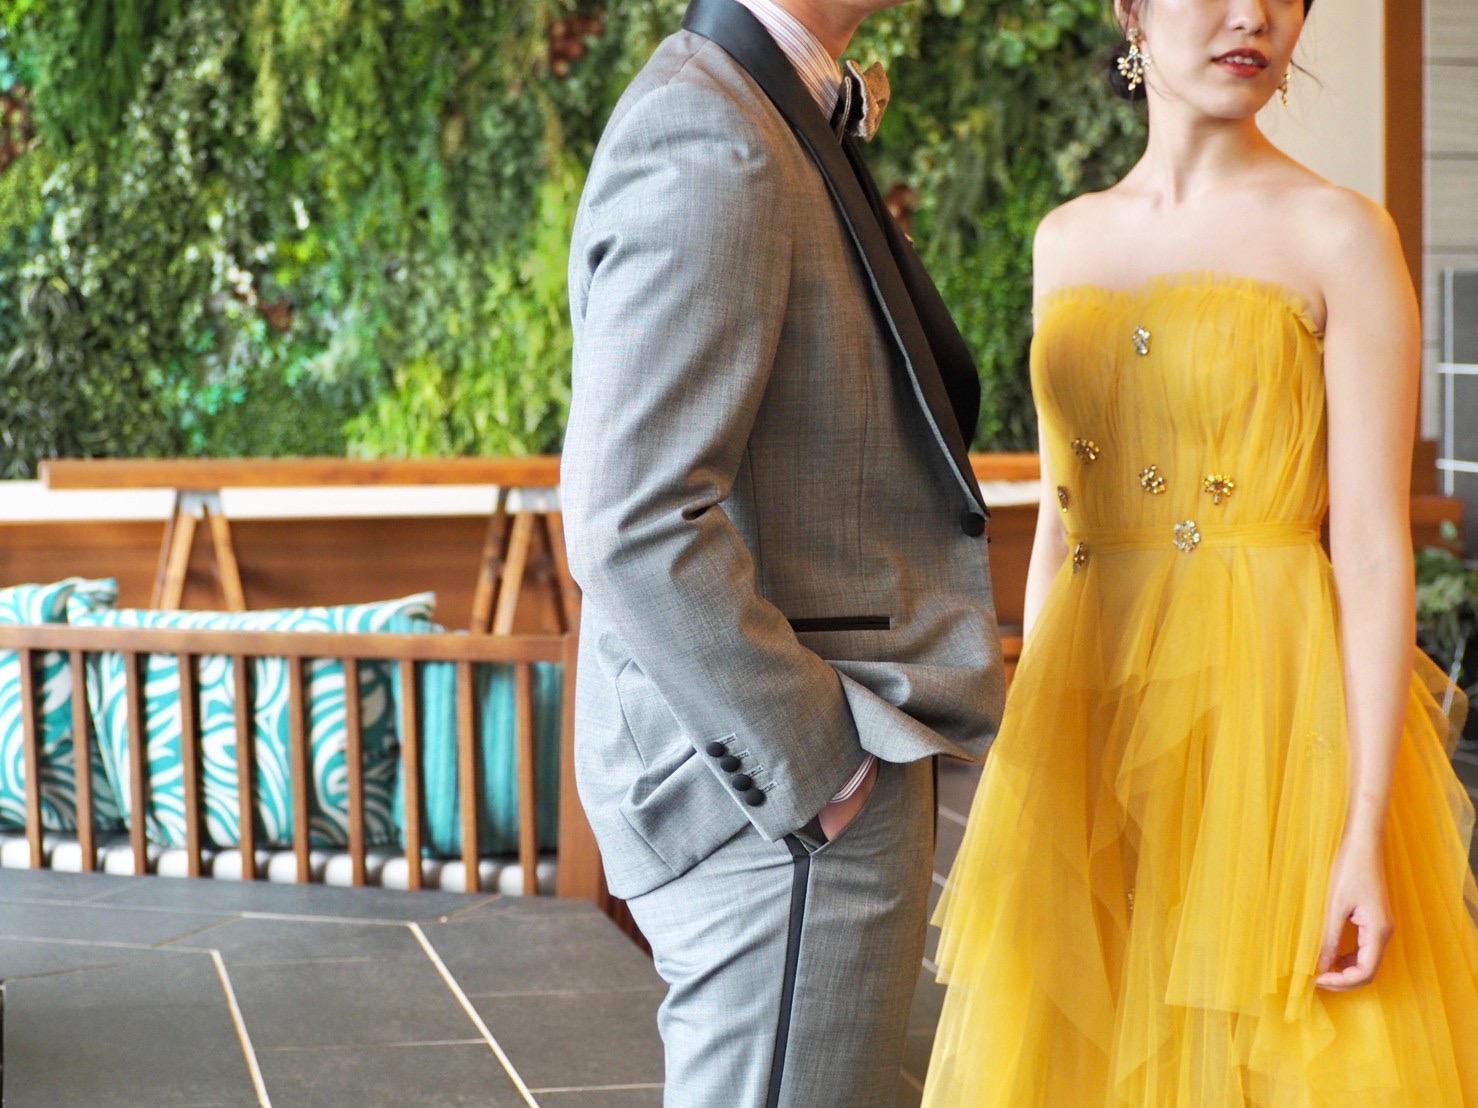 ザ・トリート・ドレッシング神戸店が提携する北野クラブ・ソラのモンスーン・ヴィラでお召しいただきたいリーム・アクラのカラードレスのご紹介